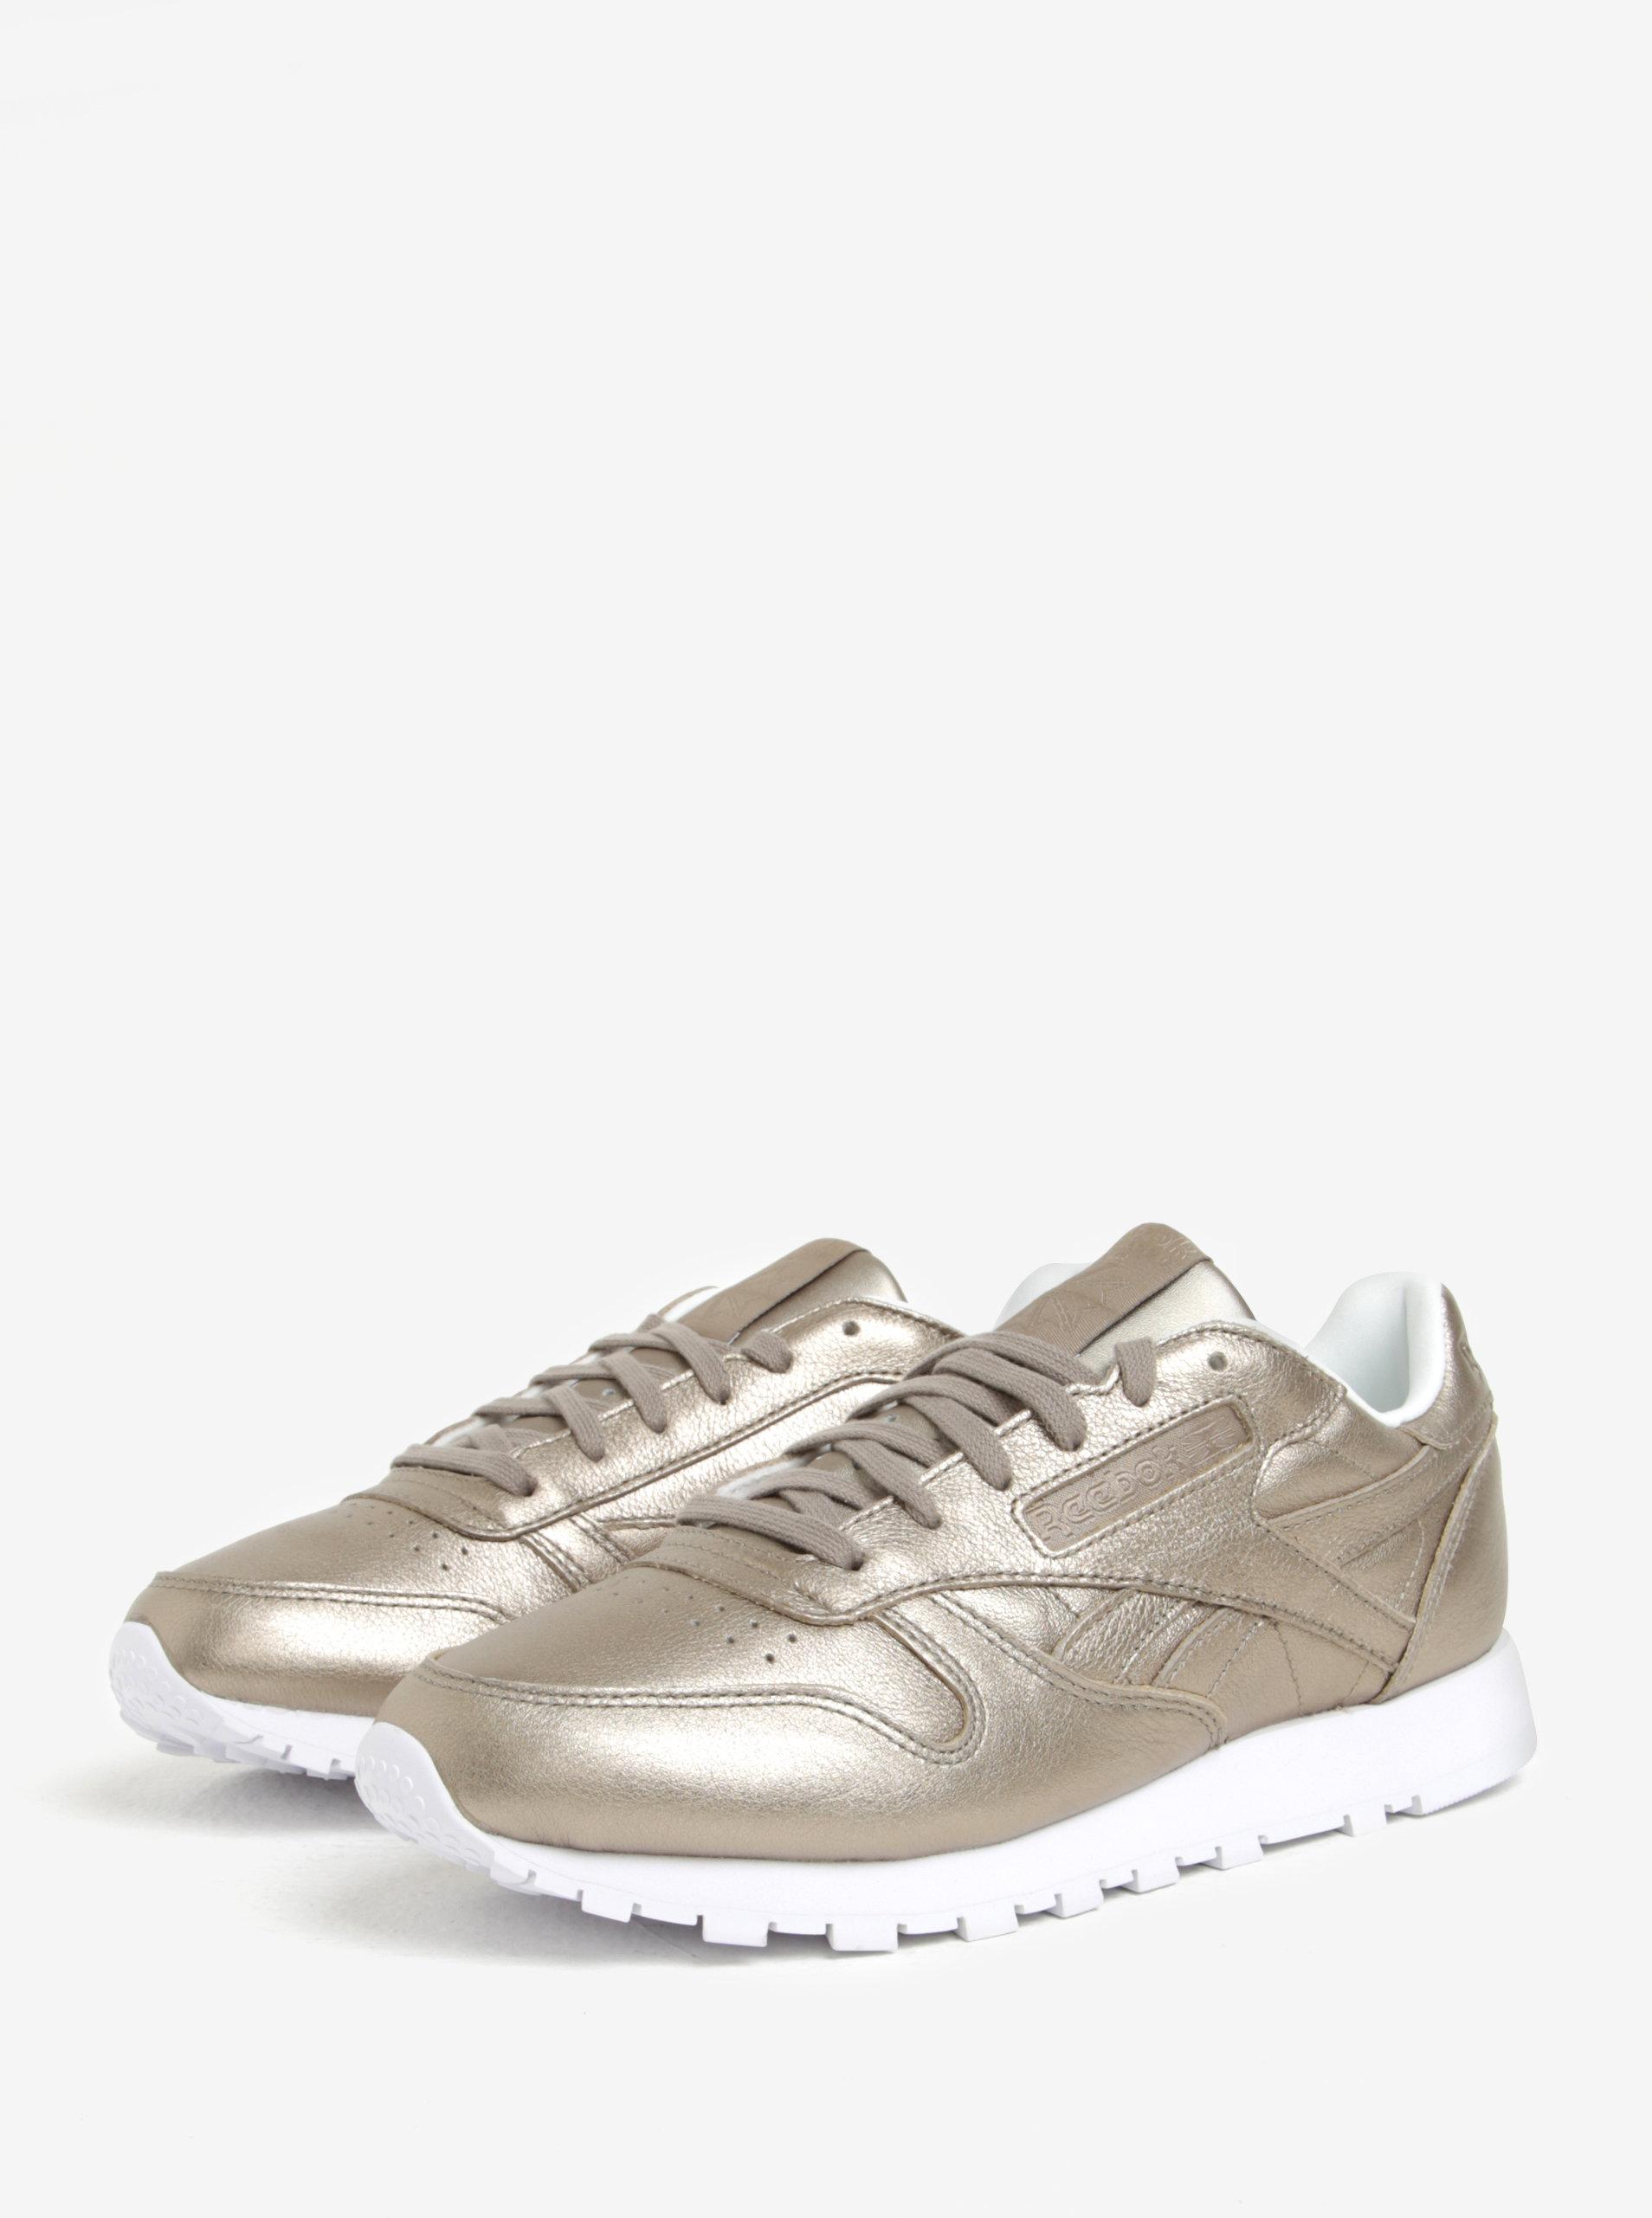 Dámské kožené tenisky ve zlaté barvě Reebok Classic Leather Melted Metal ... 10287f5aed